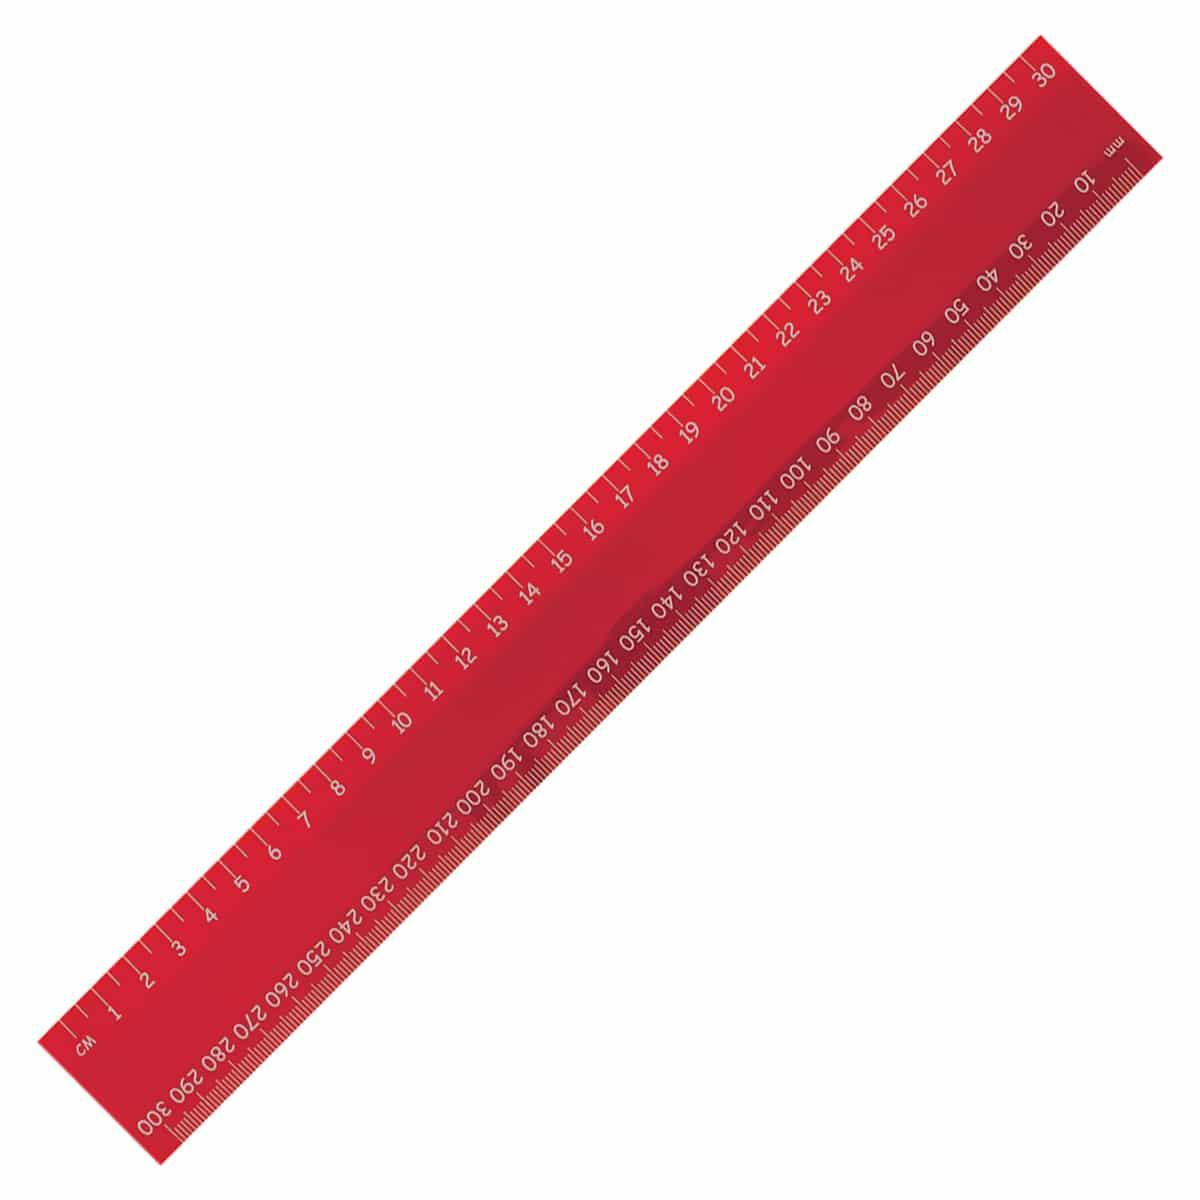 30Cm Flexi Ruler